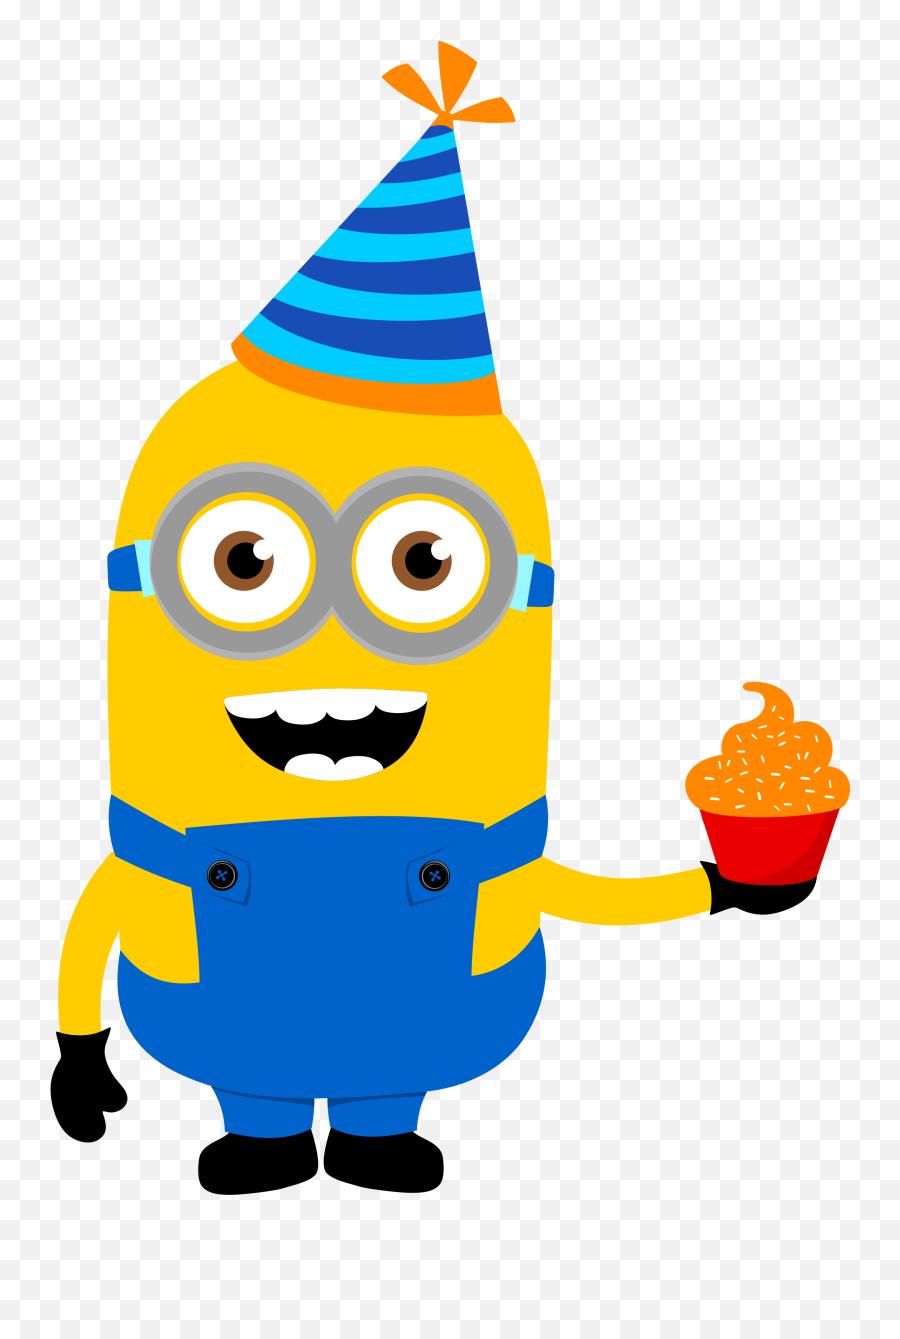 Vector Minion Clipart Picture - Birthday Minions Clipart Emoji,Minion Emoji App